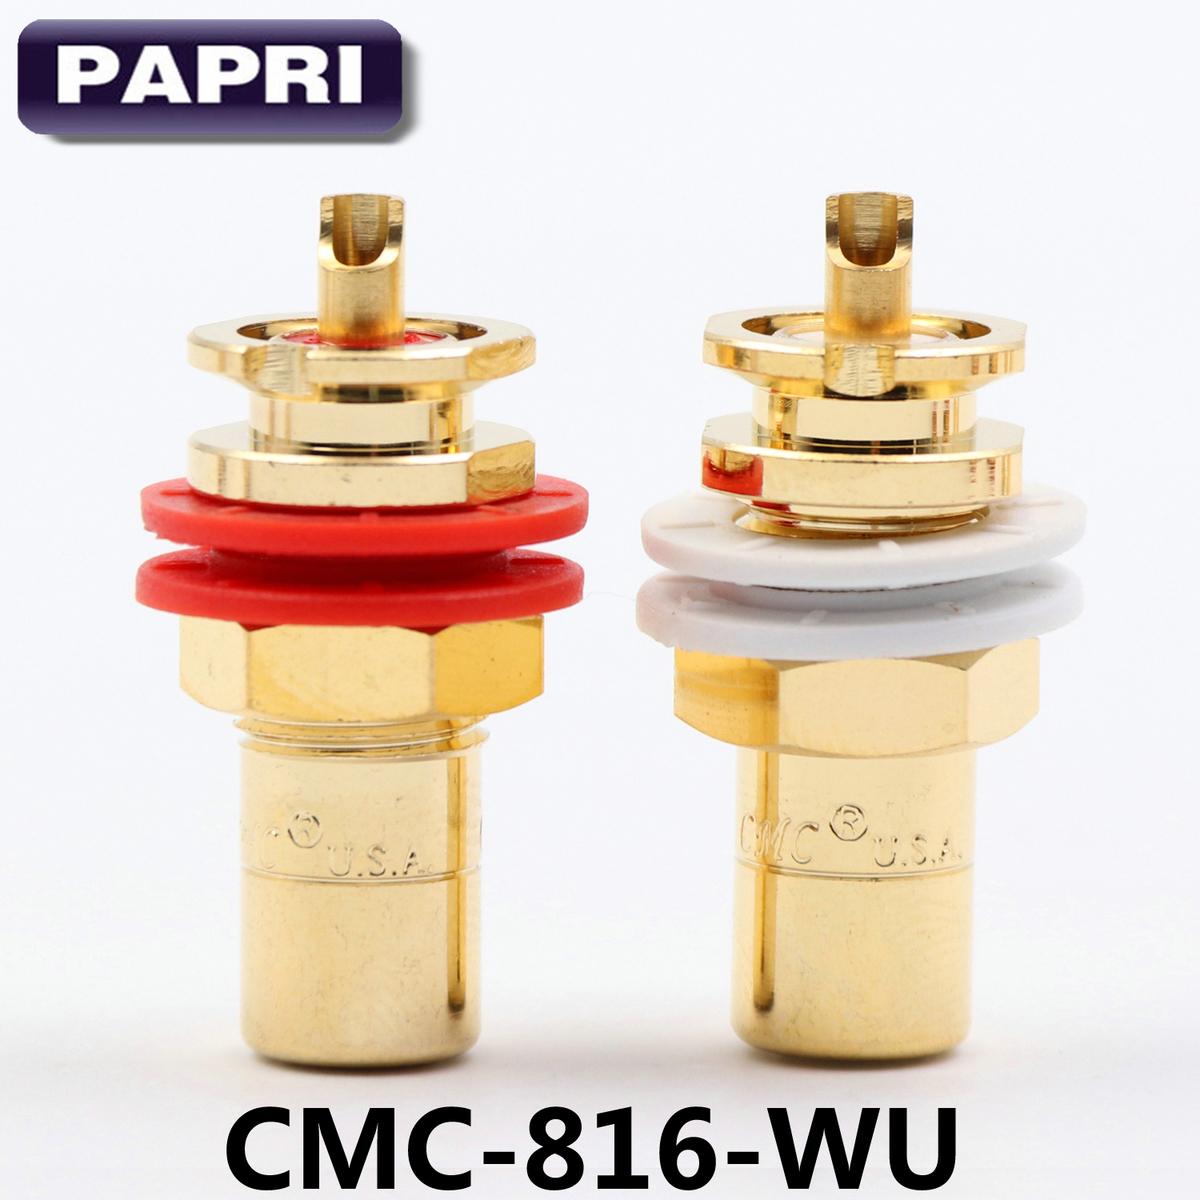 美國原裝進口CMC816-WU無氧銅鍍24K金DIY發燒RCA母插座音響功放蓮花插頭AV接頭母座插頭音箱膽機接線端子